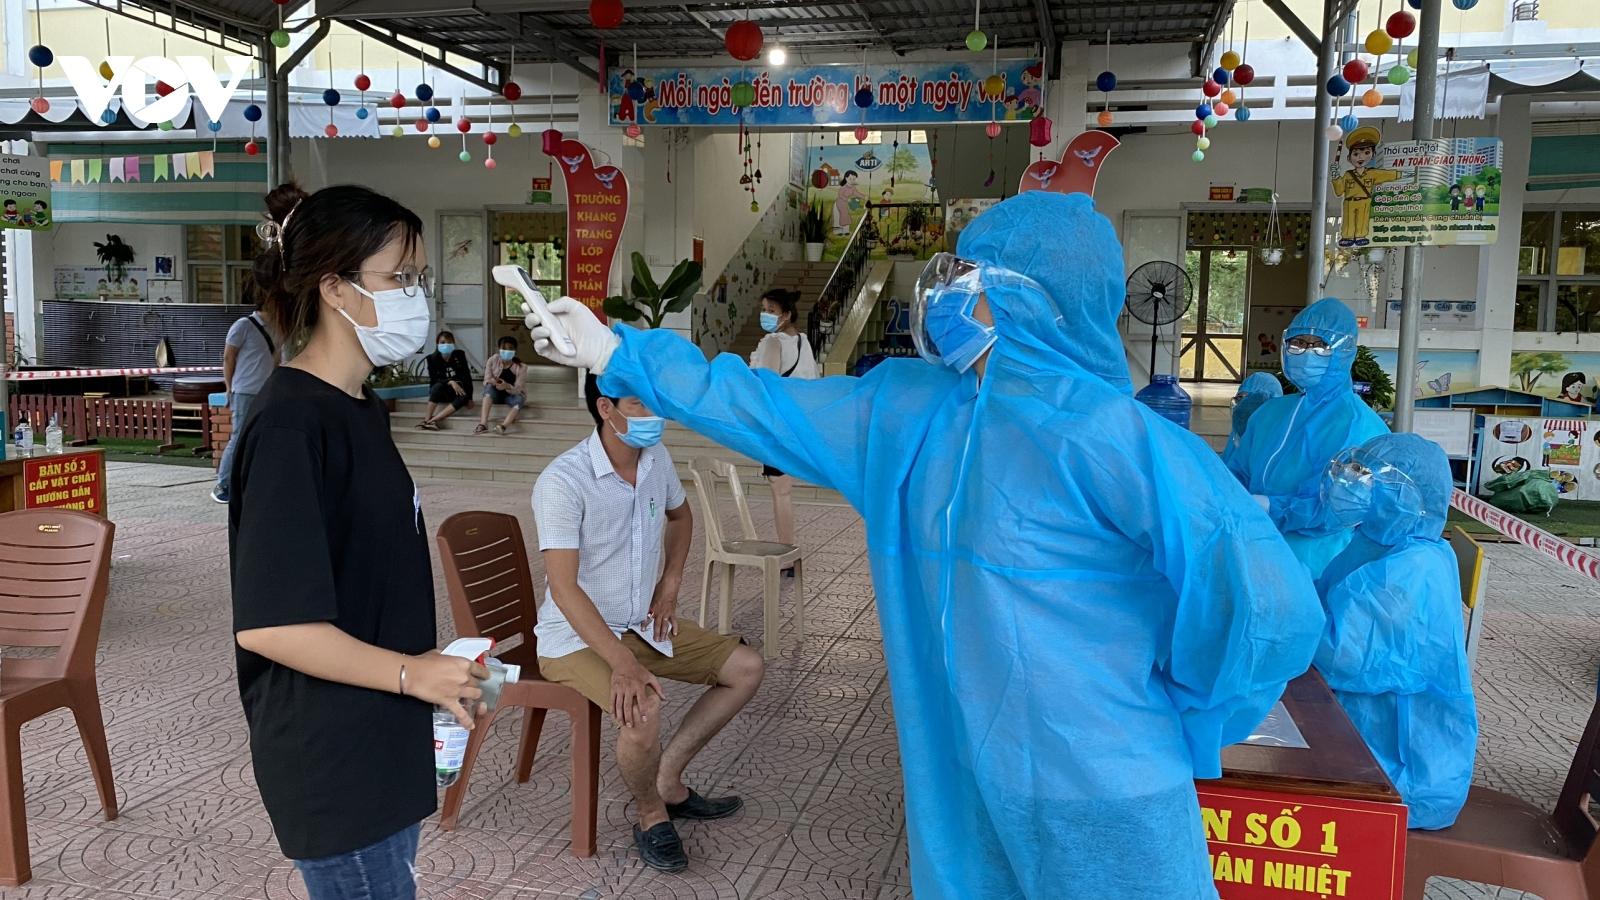 Sau 1/8, Thừa Thiên Huế tạm dừng đón công dân từ vùng dịch trở về